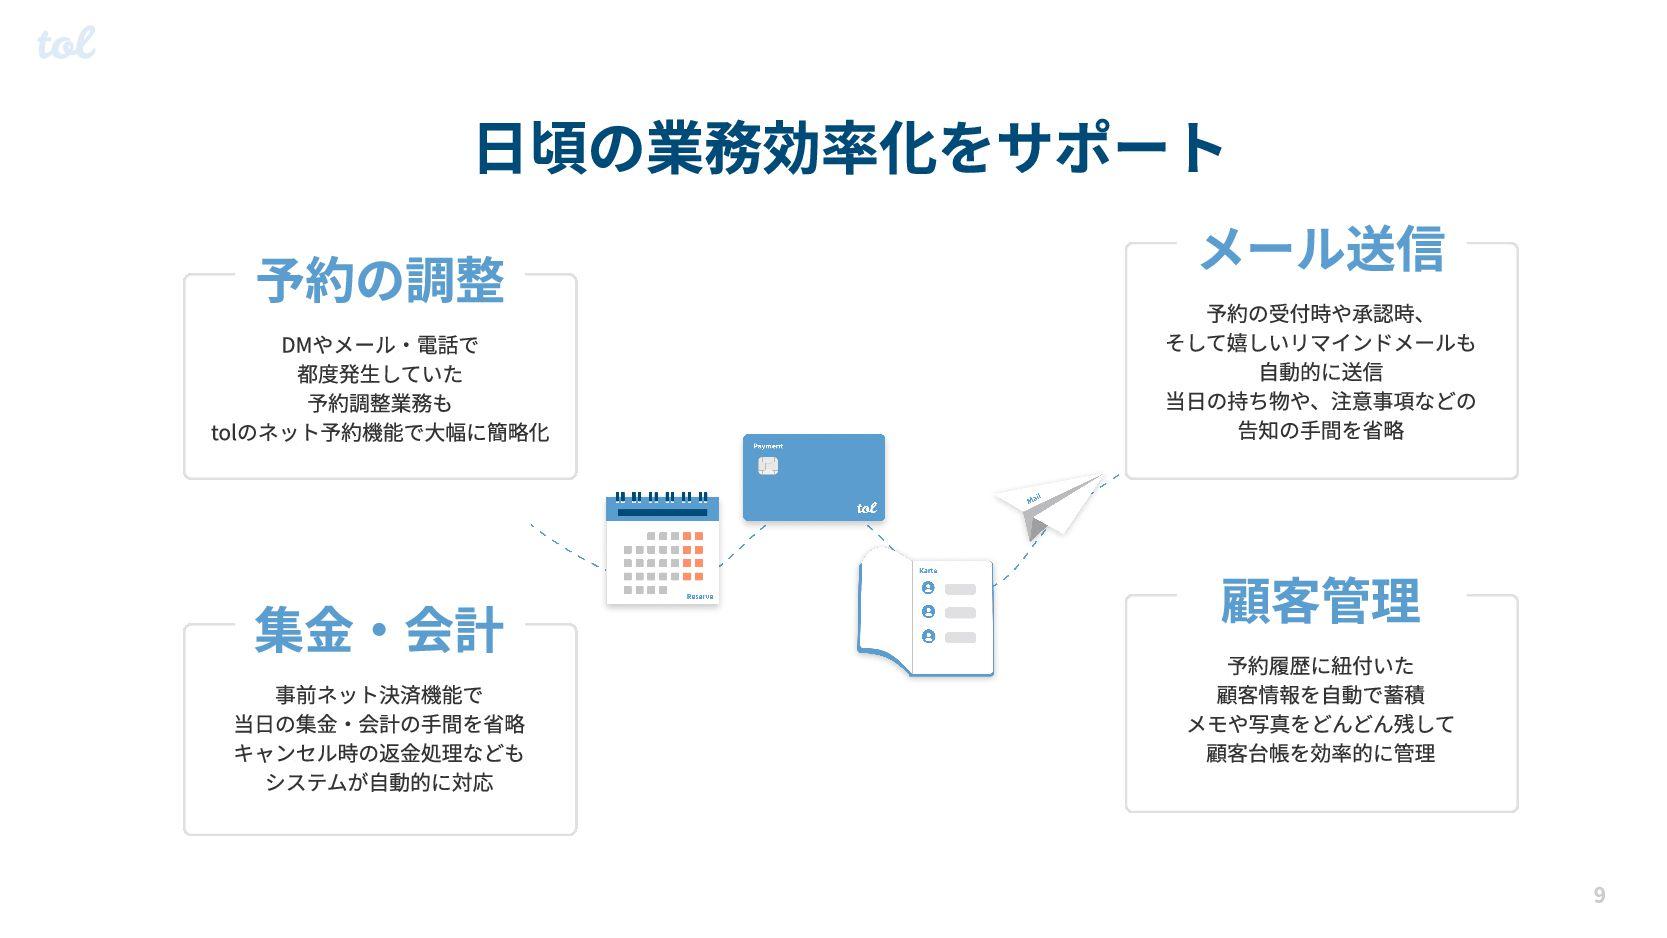 ©2021 Apollo LLC 予約システムアプリ「tol」について iOS・Android...